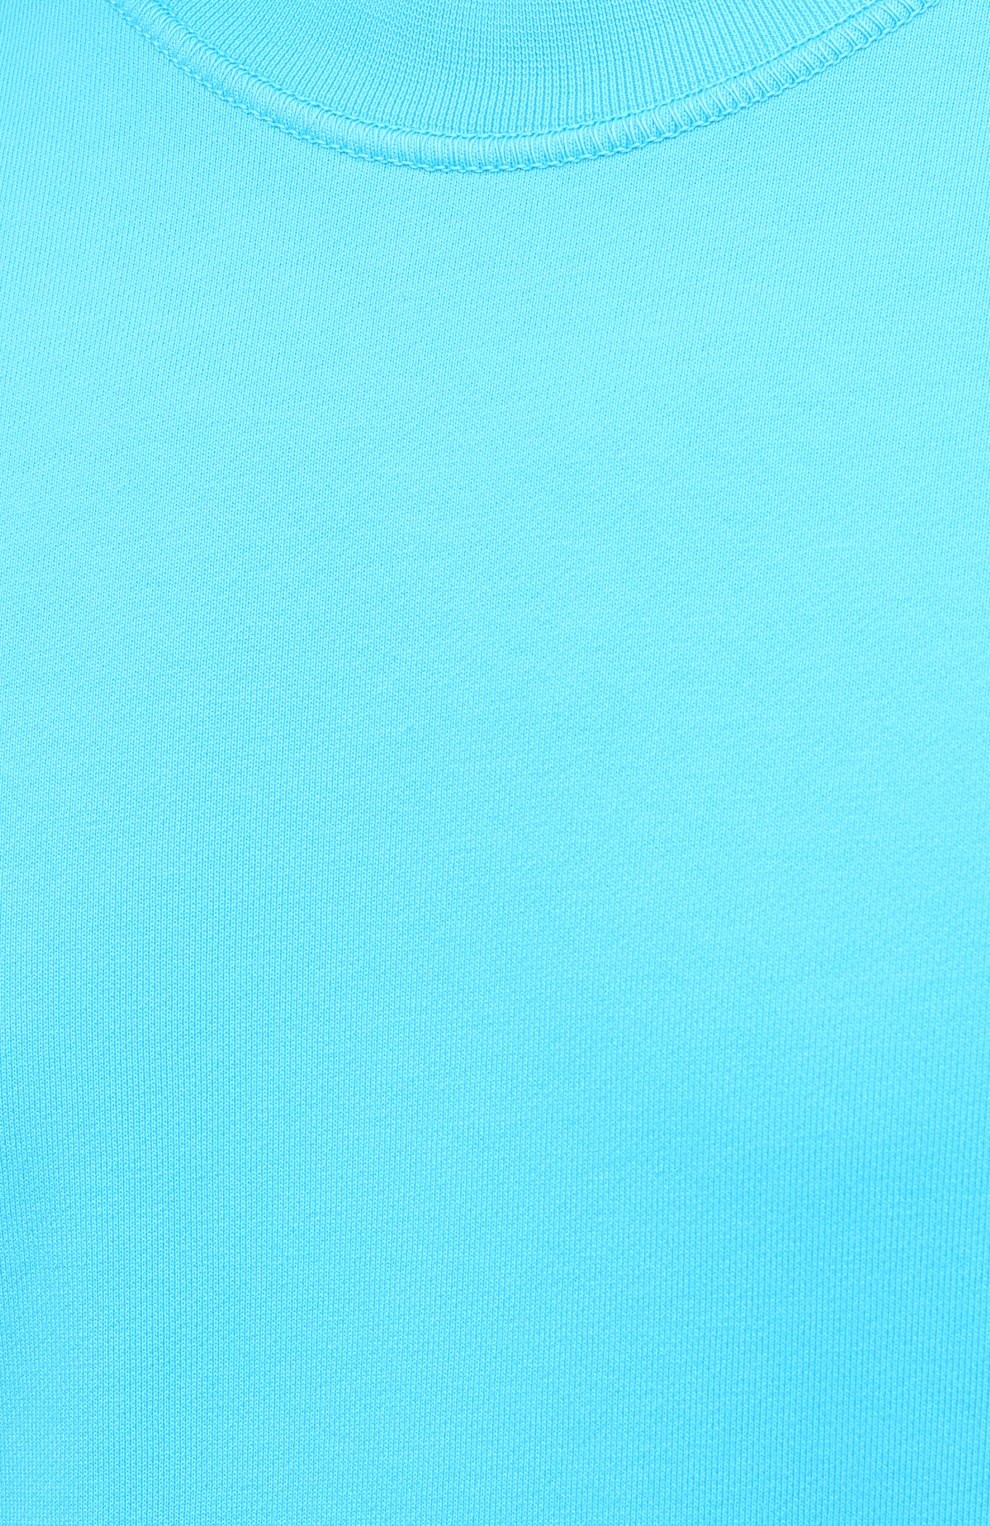 Мужской хлопковый свитшот STONE ISLAND бирюзового цвета, арт. 741563051 | Фото 5 (Рукава: Длинные; Принт: Без принта; Длина (для топов): Стандартные; Мужское Кросс-КТ: свитшот-одежда; Материал внешний: Хлопок; Стили: Кэжуэл)